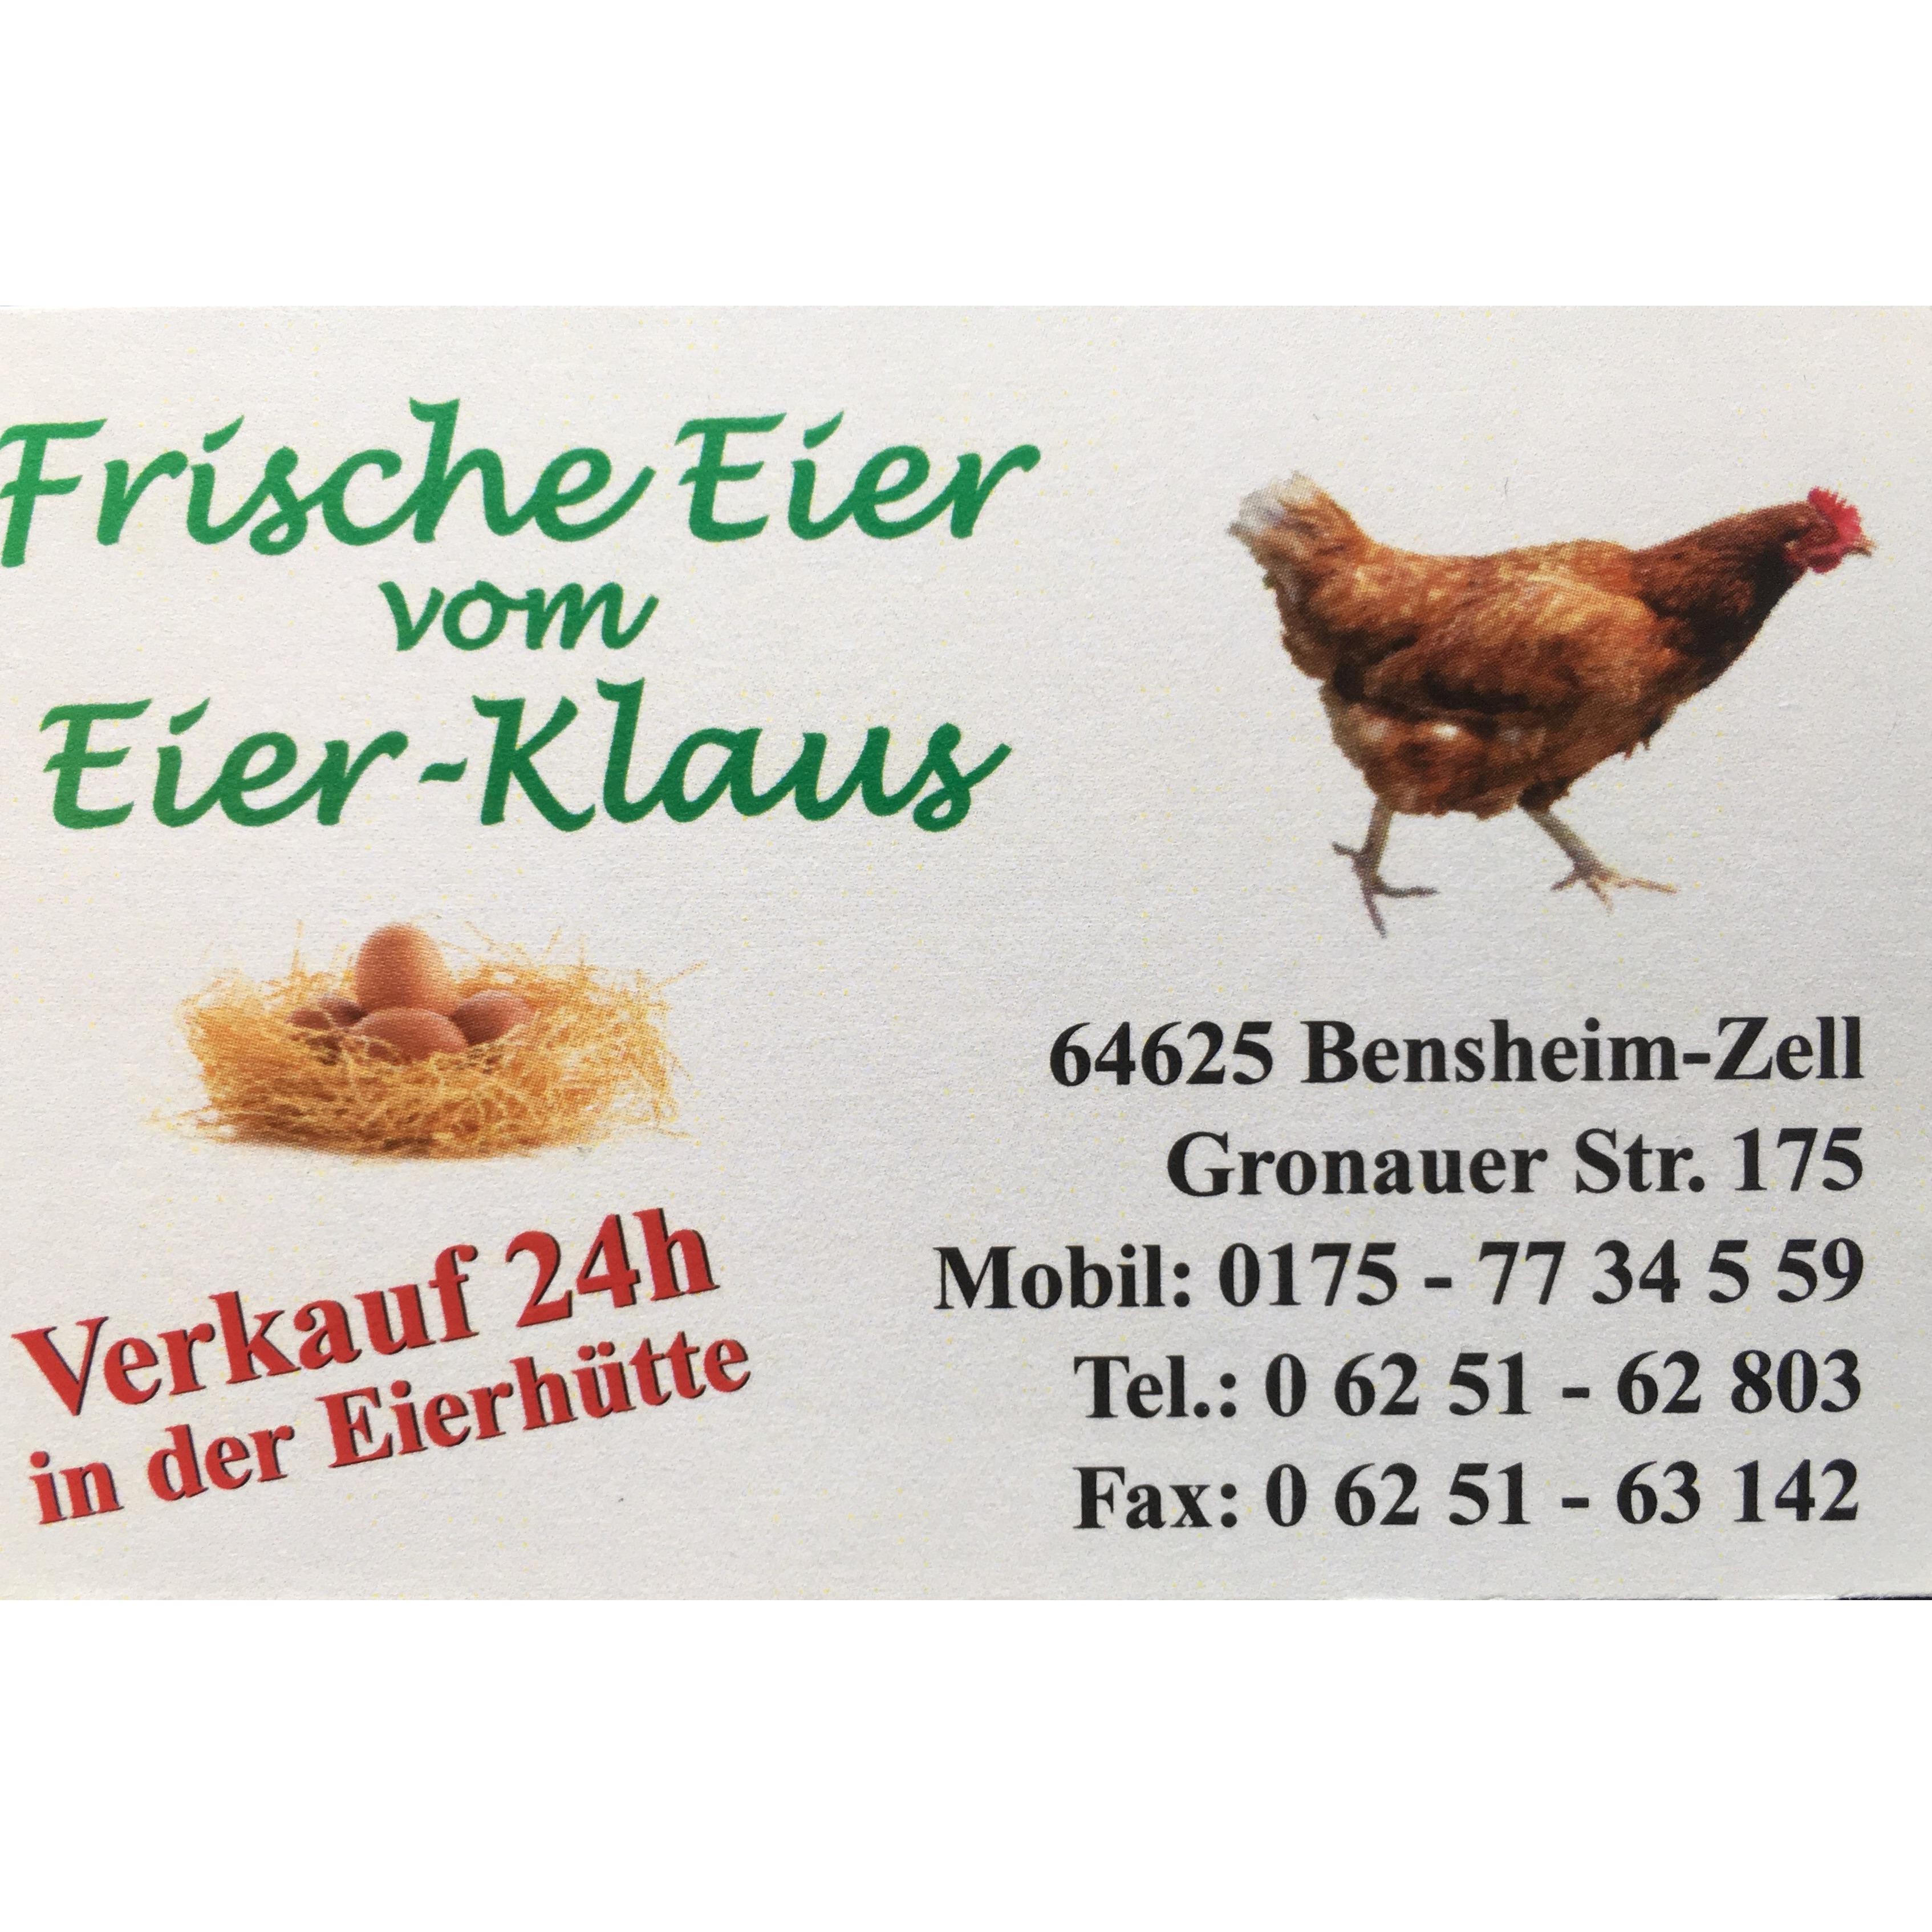 Bild zu Eier Klaus - Klaus Schwinn Landwirt in Bensheim